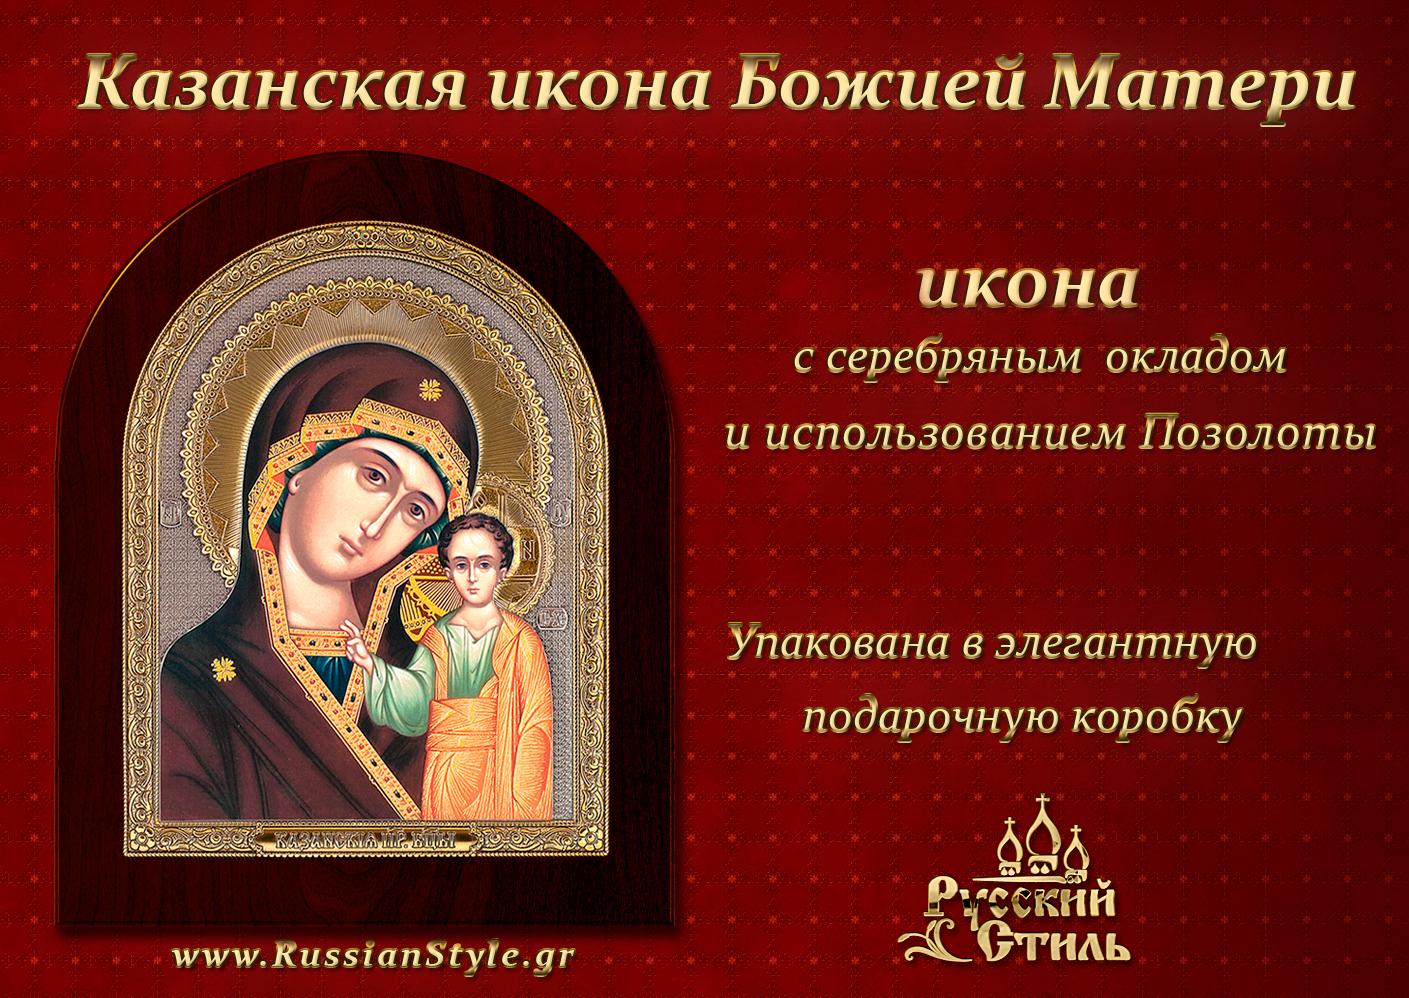 Икона казанской божьей матери фото с поздравлениями